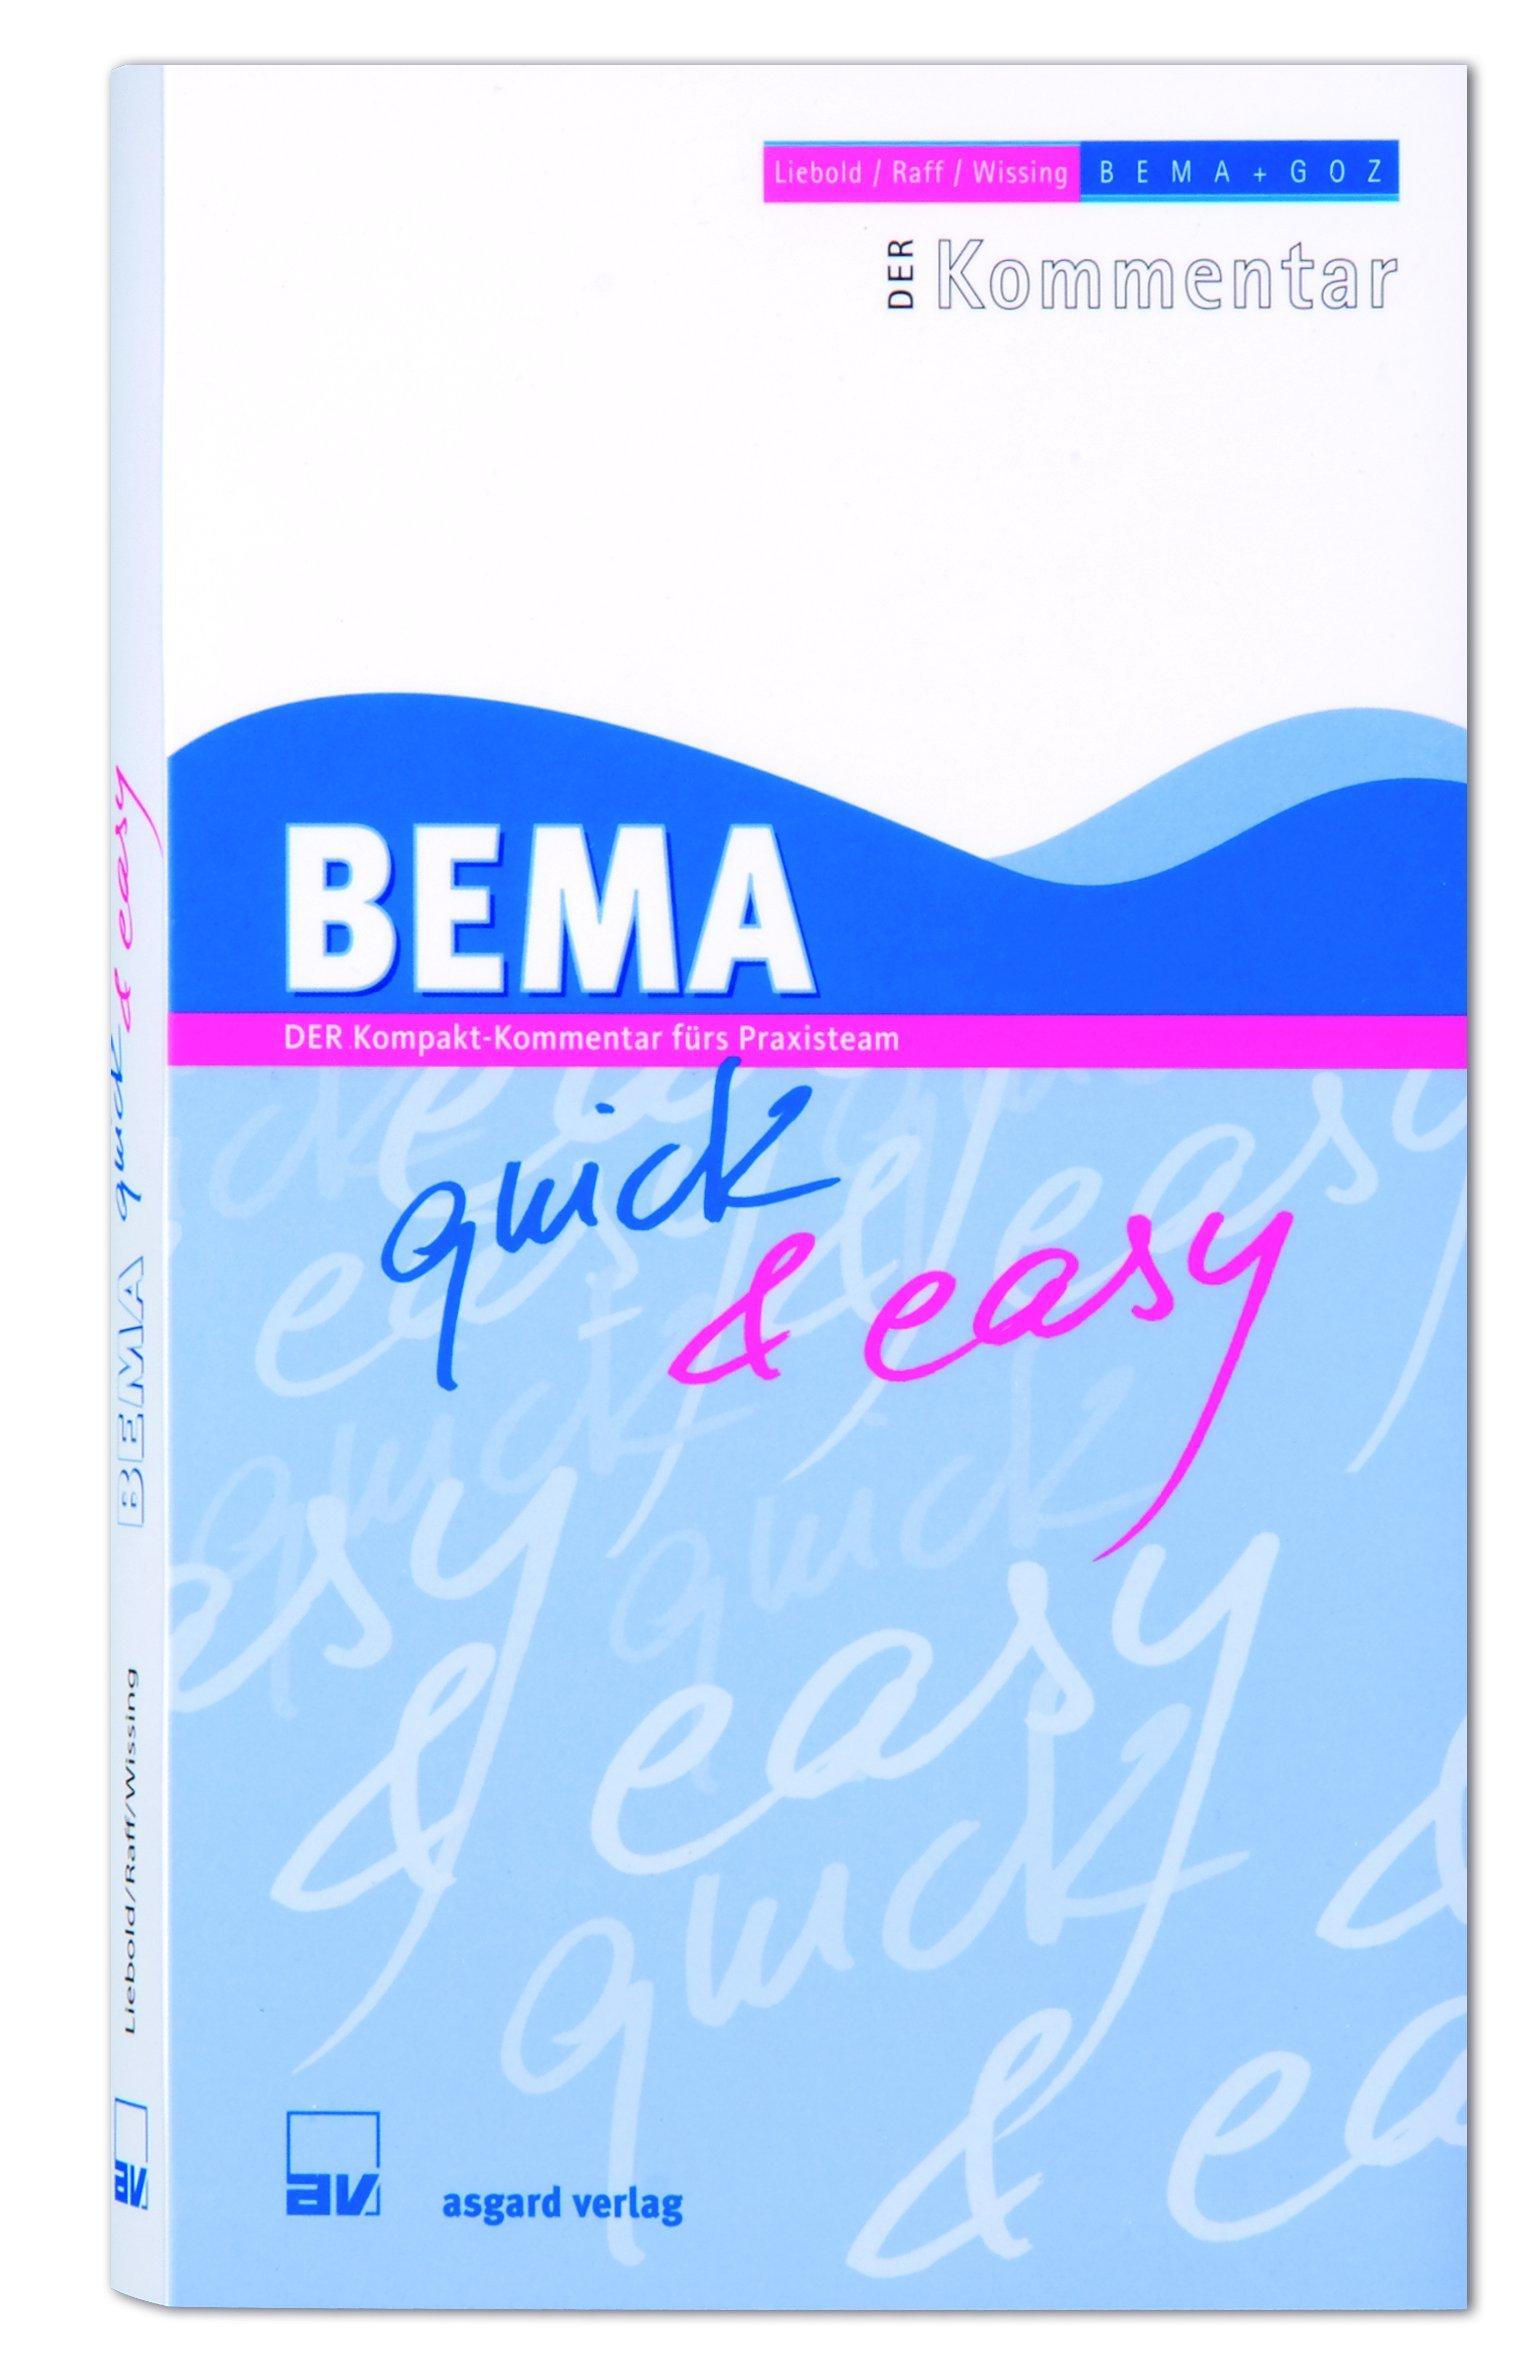 BEMA quick & easy - Der Kompakt-Kommentar fürs Praxisteam (Neuauflage 2012)